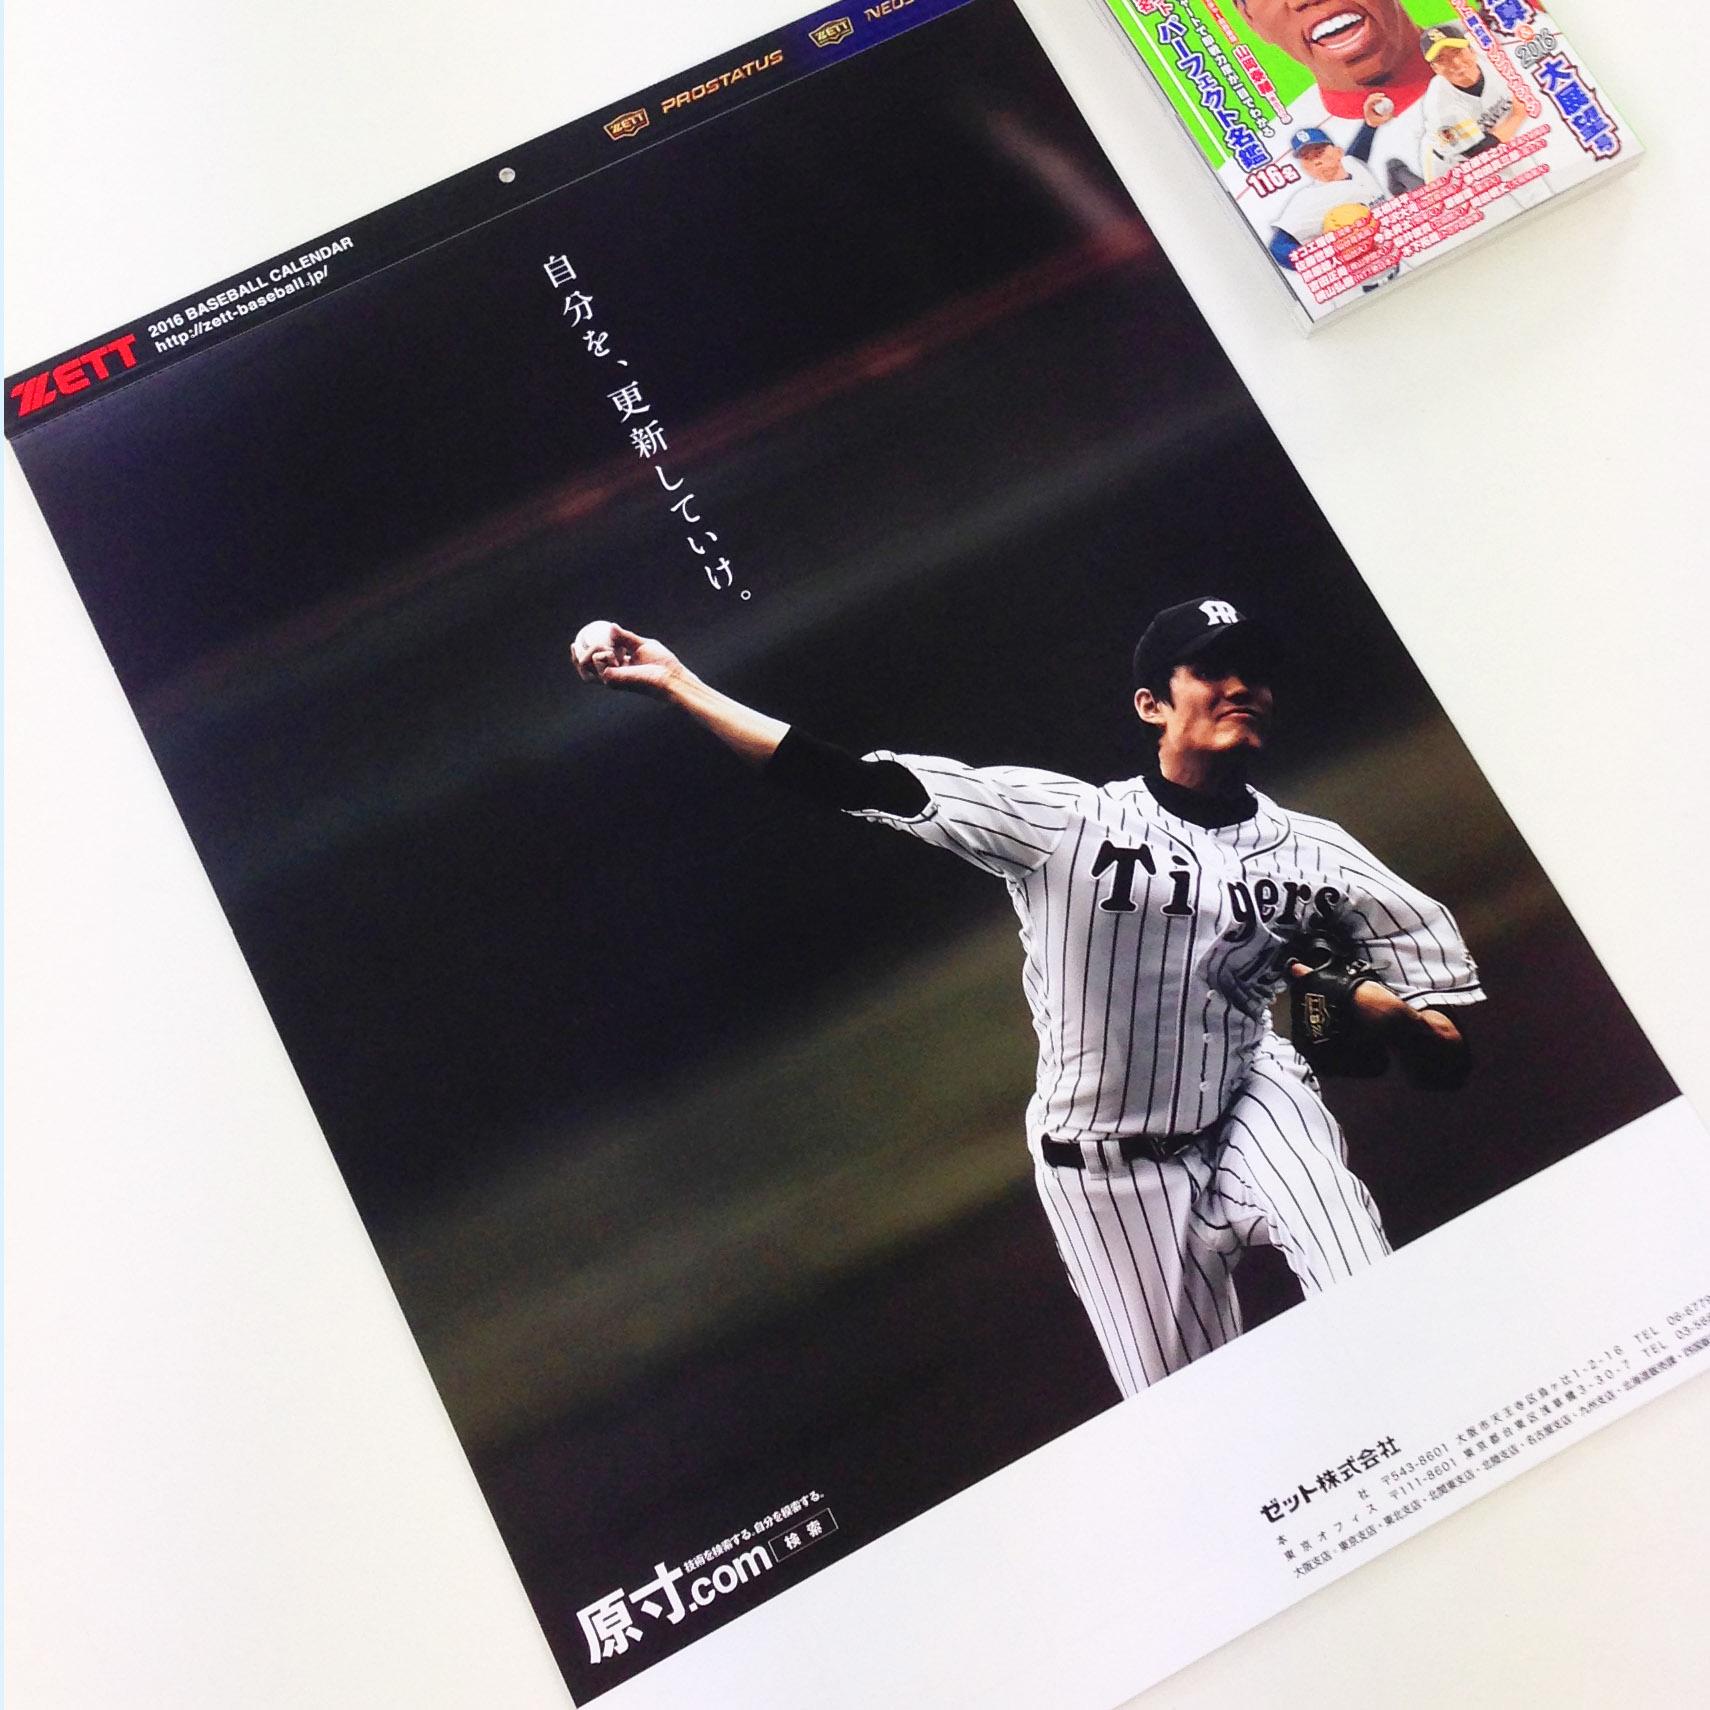 「2016年版ゼットベースボールカレンダー(壁掛け版)」を10名様にプレゼント